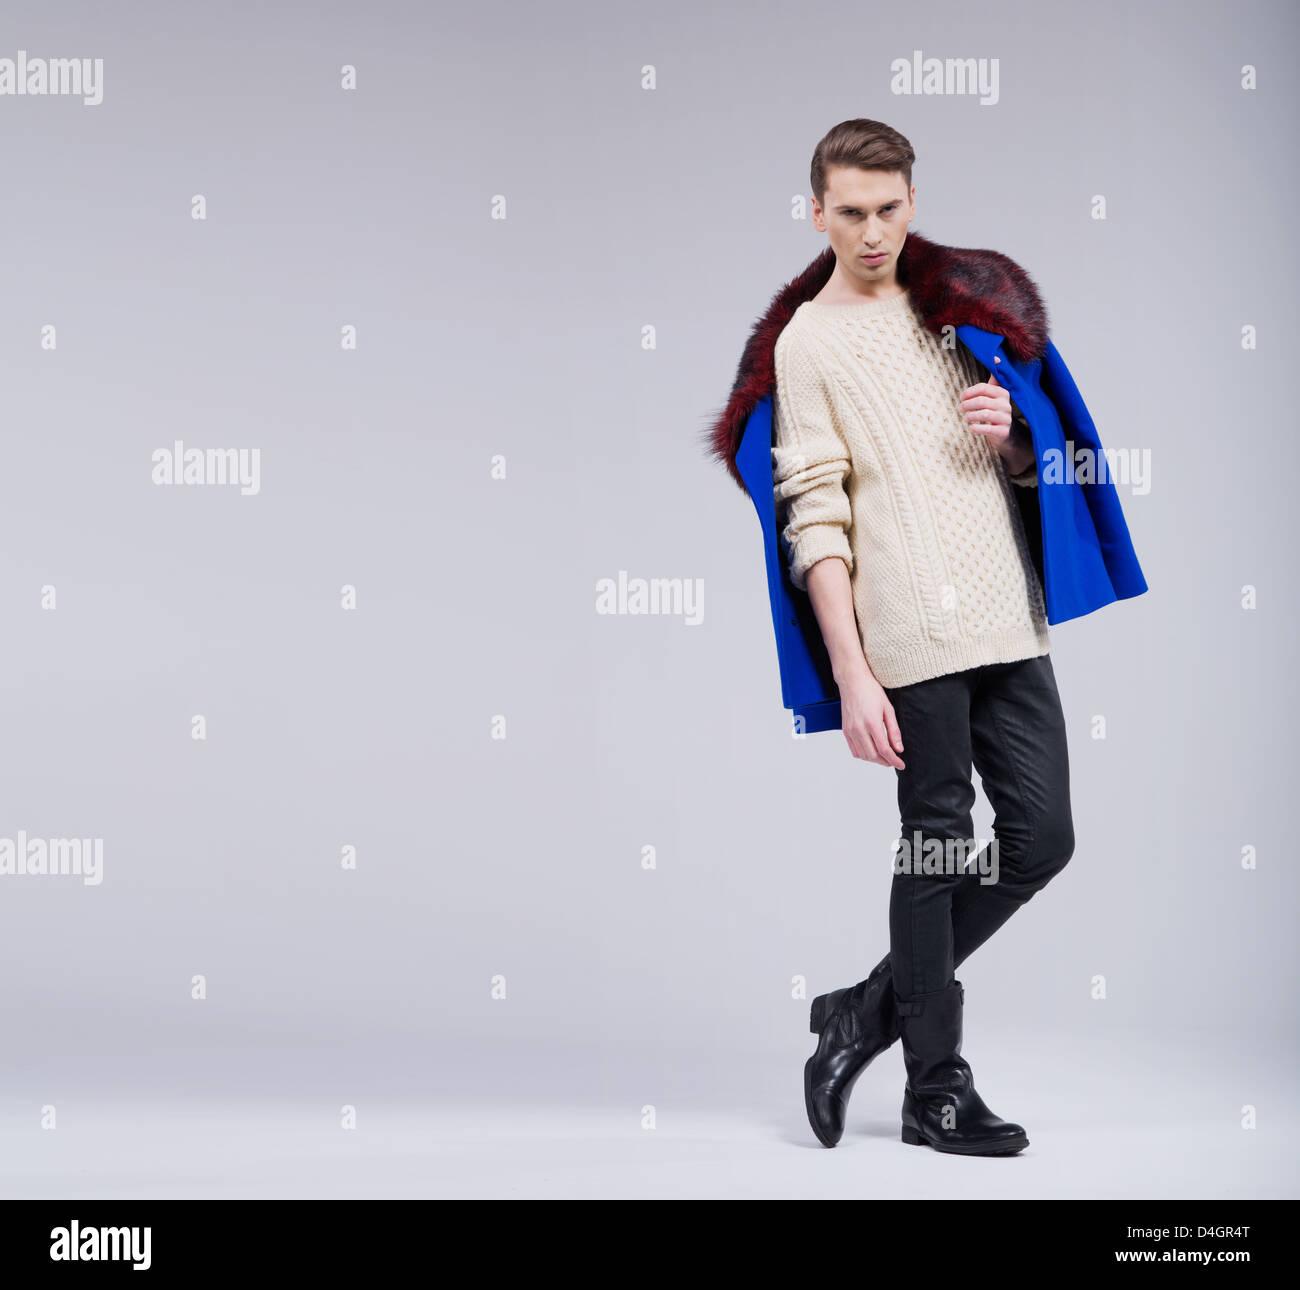 Slim grave guy in natural poser Photo Stock